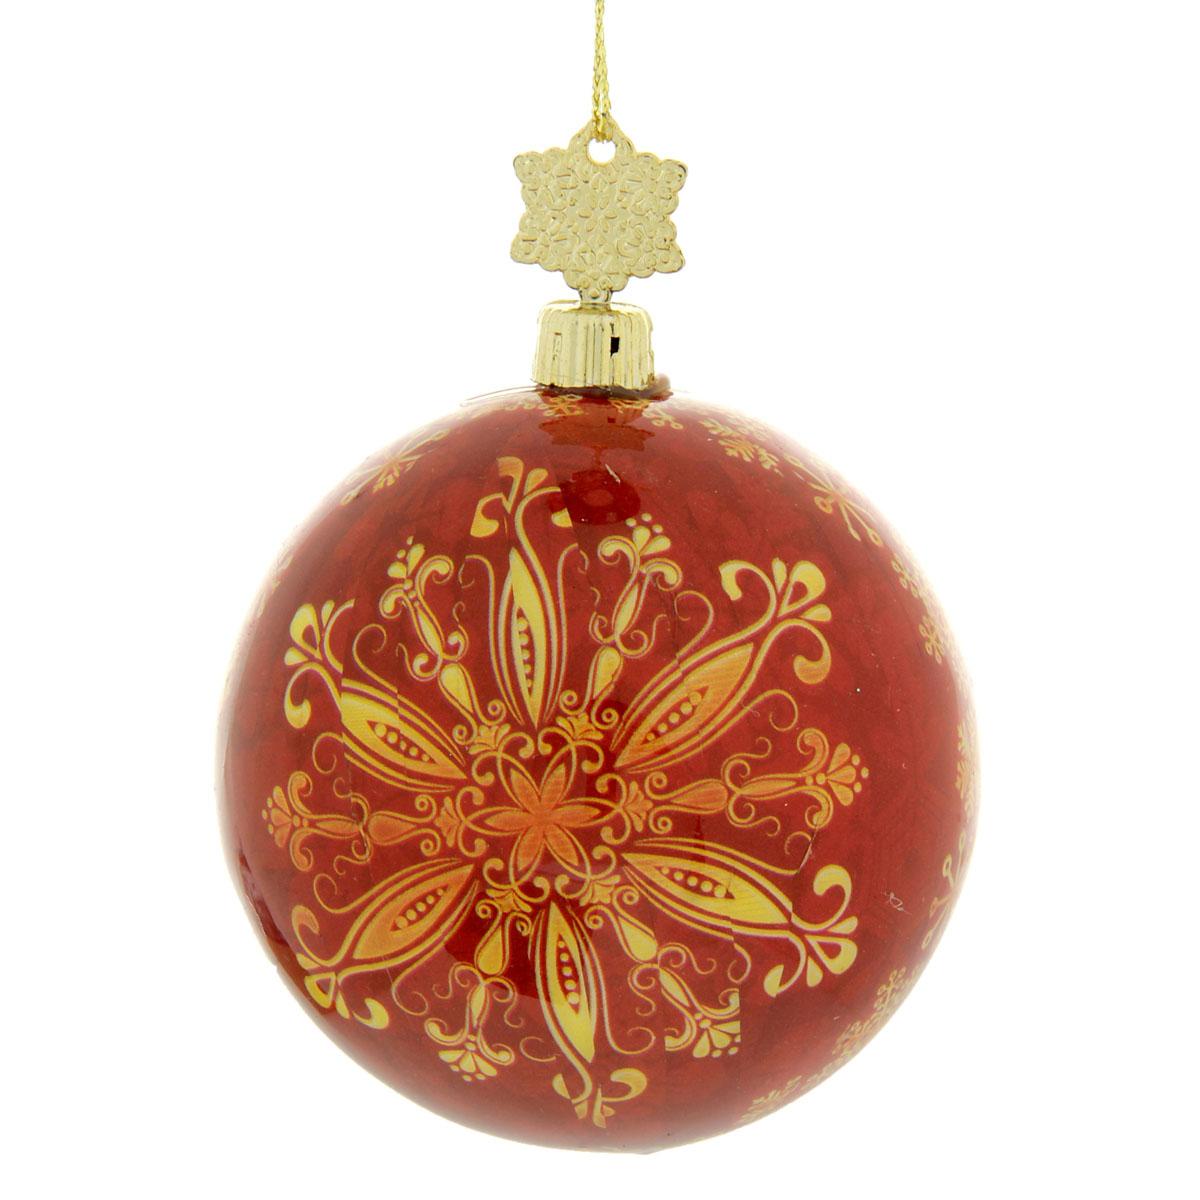 Новогоднее подвесное украшение Sima-land Шар, диаметр 8 см. 279339 новогоднее подвесное украшение sima land зимний узор диаметр 10 см